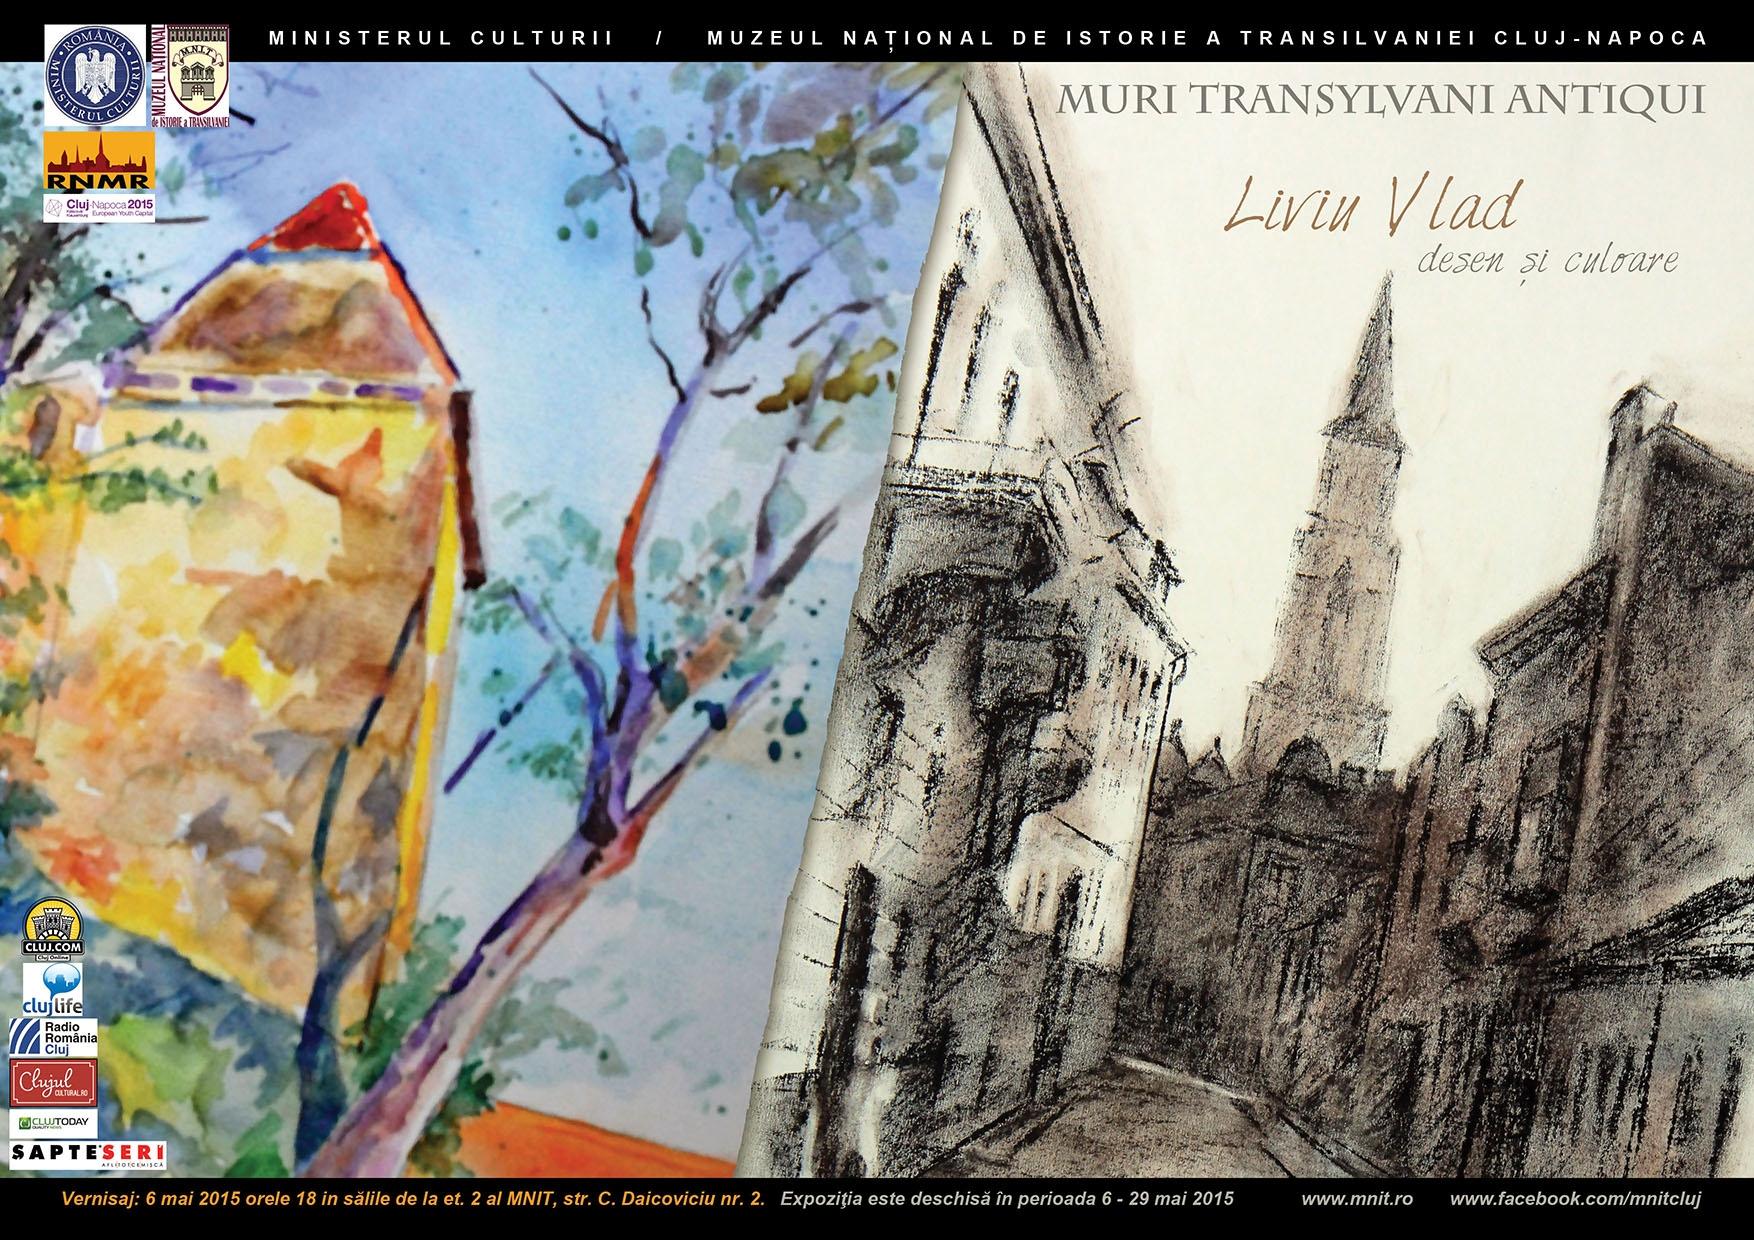 Expoziție de desen semnată Liviu Vlad, la Muzeul Național de Istorie a Transilvaniei